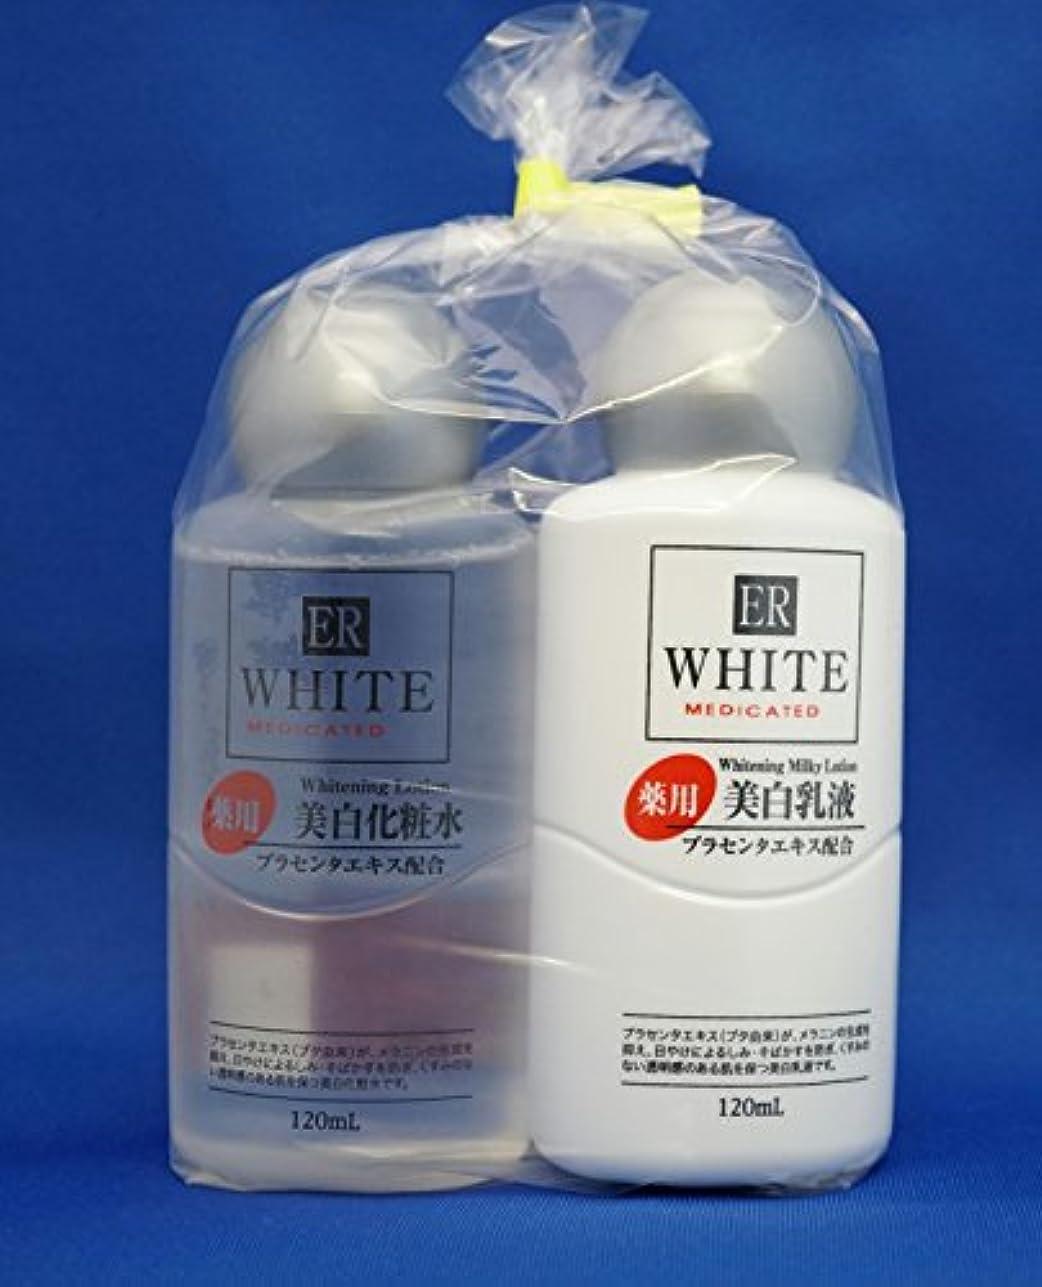 適応的持っているジャングル2個セット ダイソー ER コスモ ホワイトニング ミルクV(薬用美白乳液) と ER ホワイトニングローションV(薬用美白化粧水)